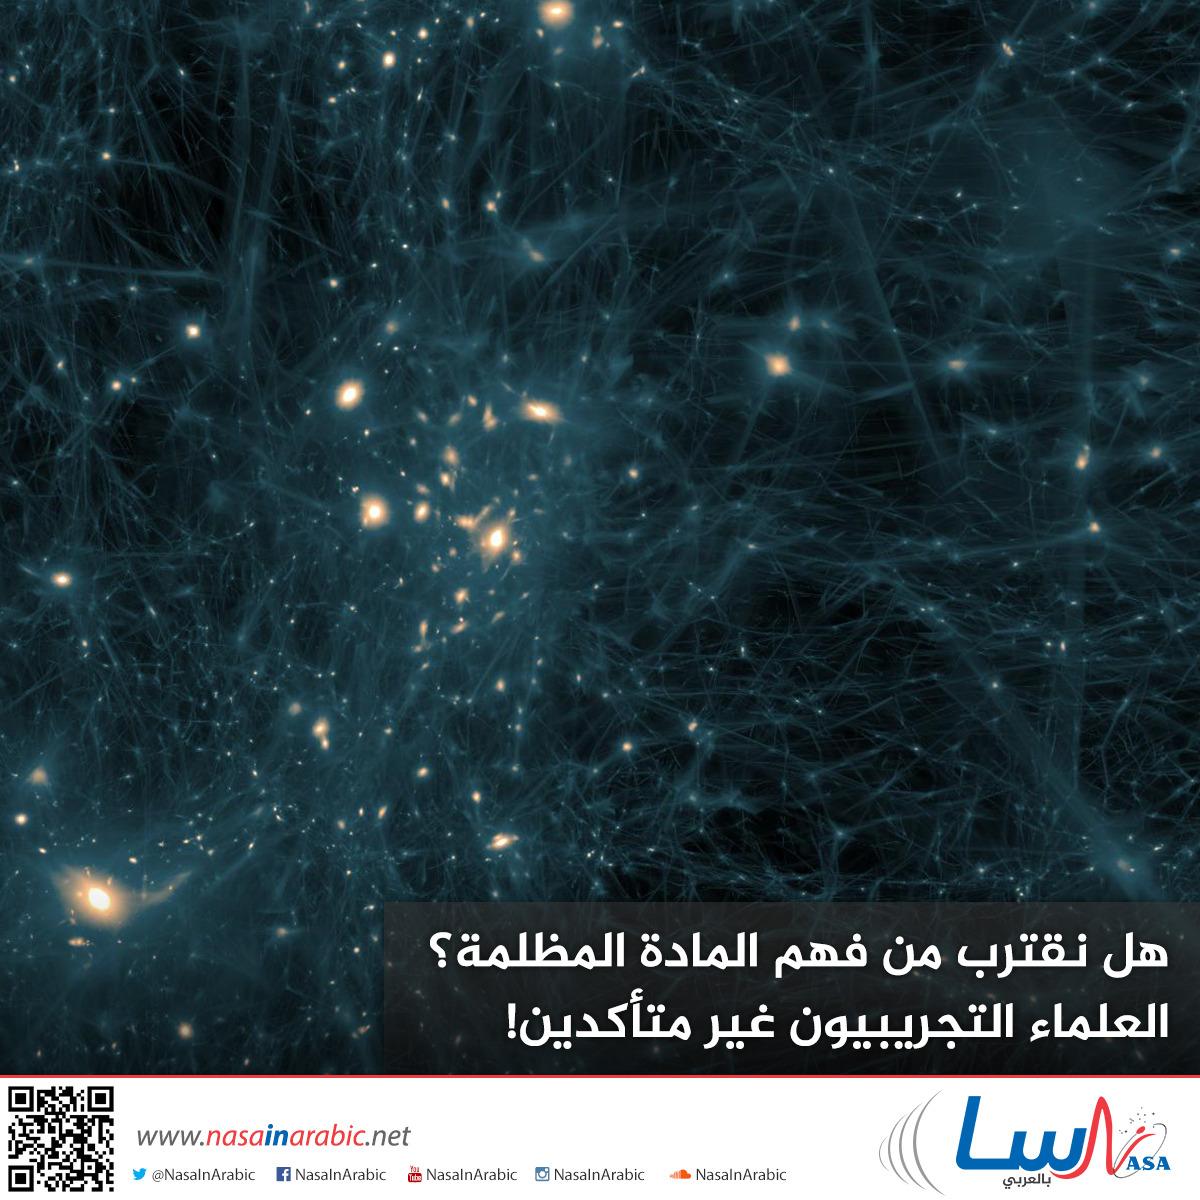 هل نقترب من فهم المادة المظلمة؟ العلماء التجريبيون غير متأكدين!